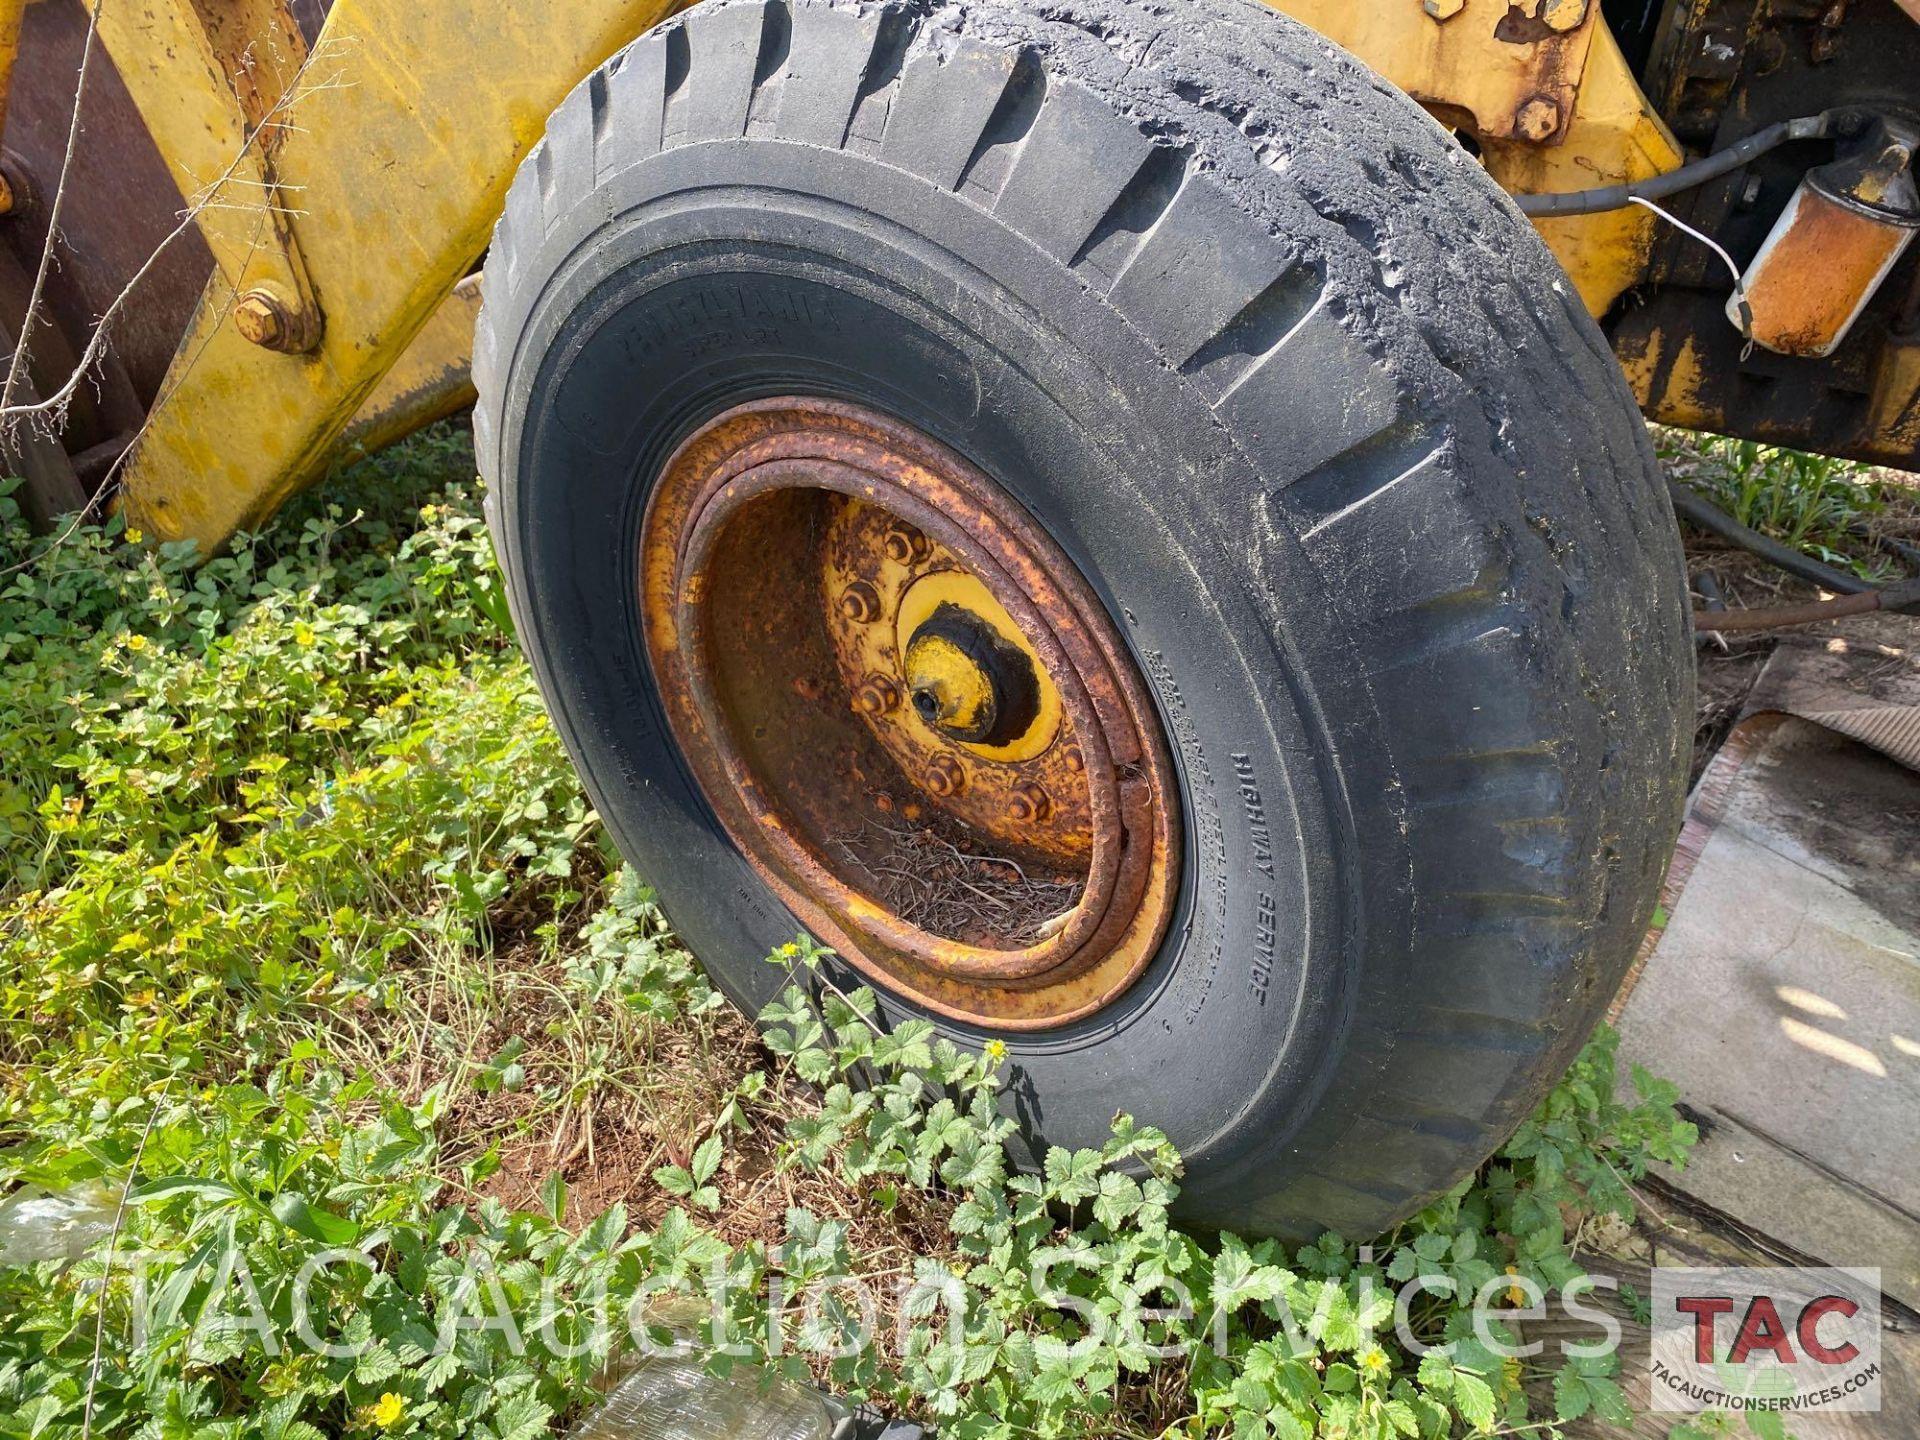 Massey Ferguson 50C Loader Backhoe - Image 43 of 45